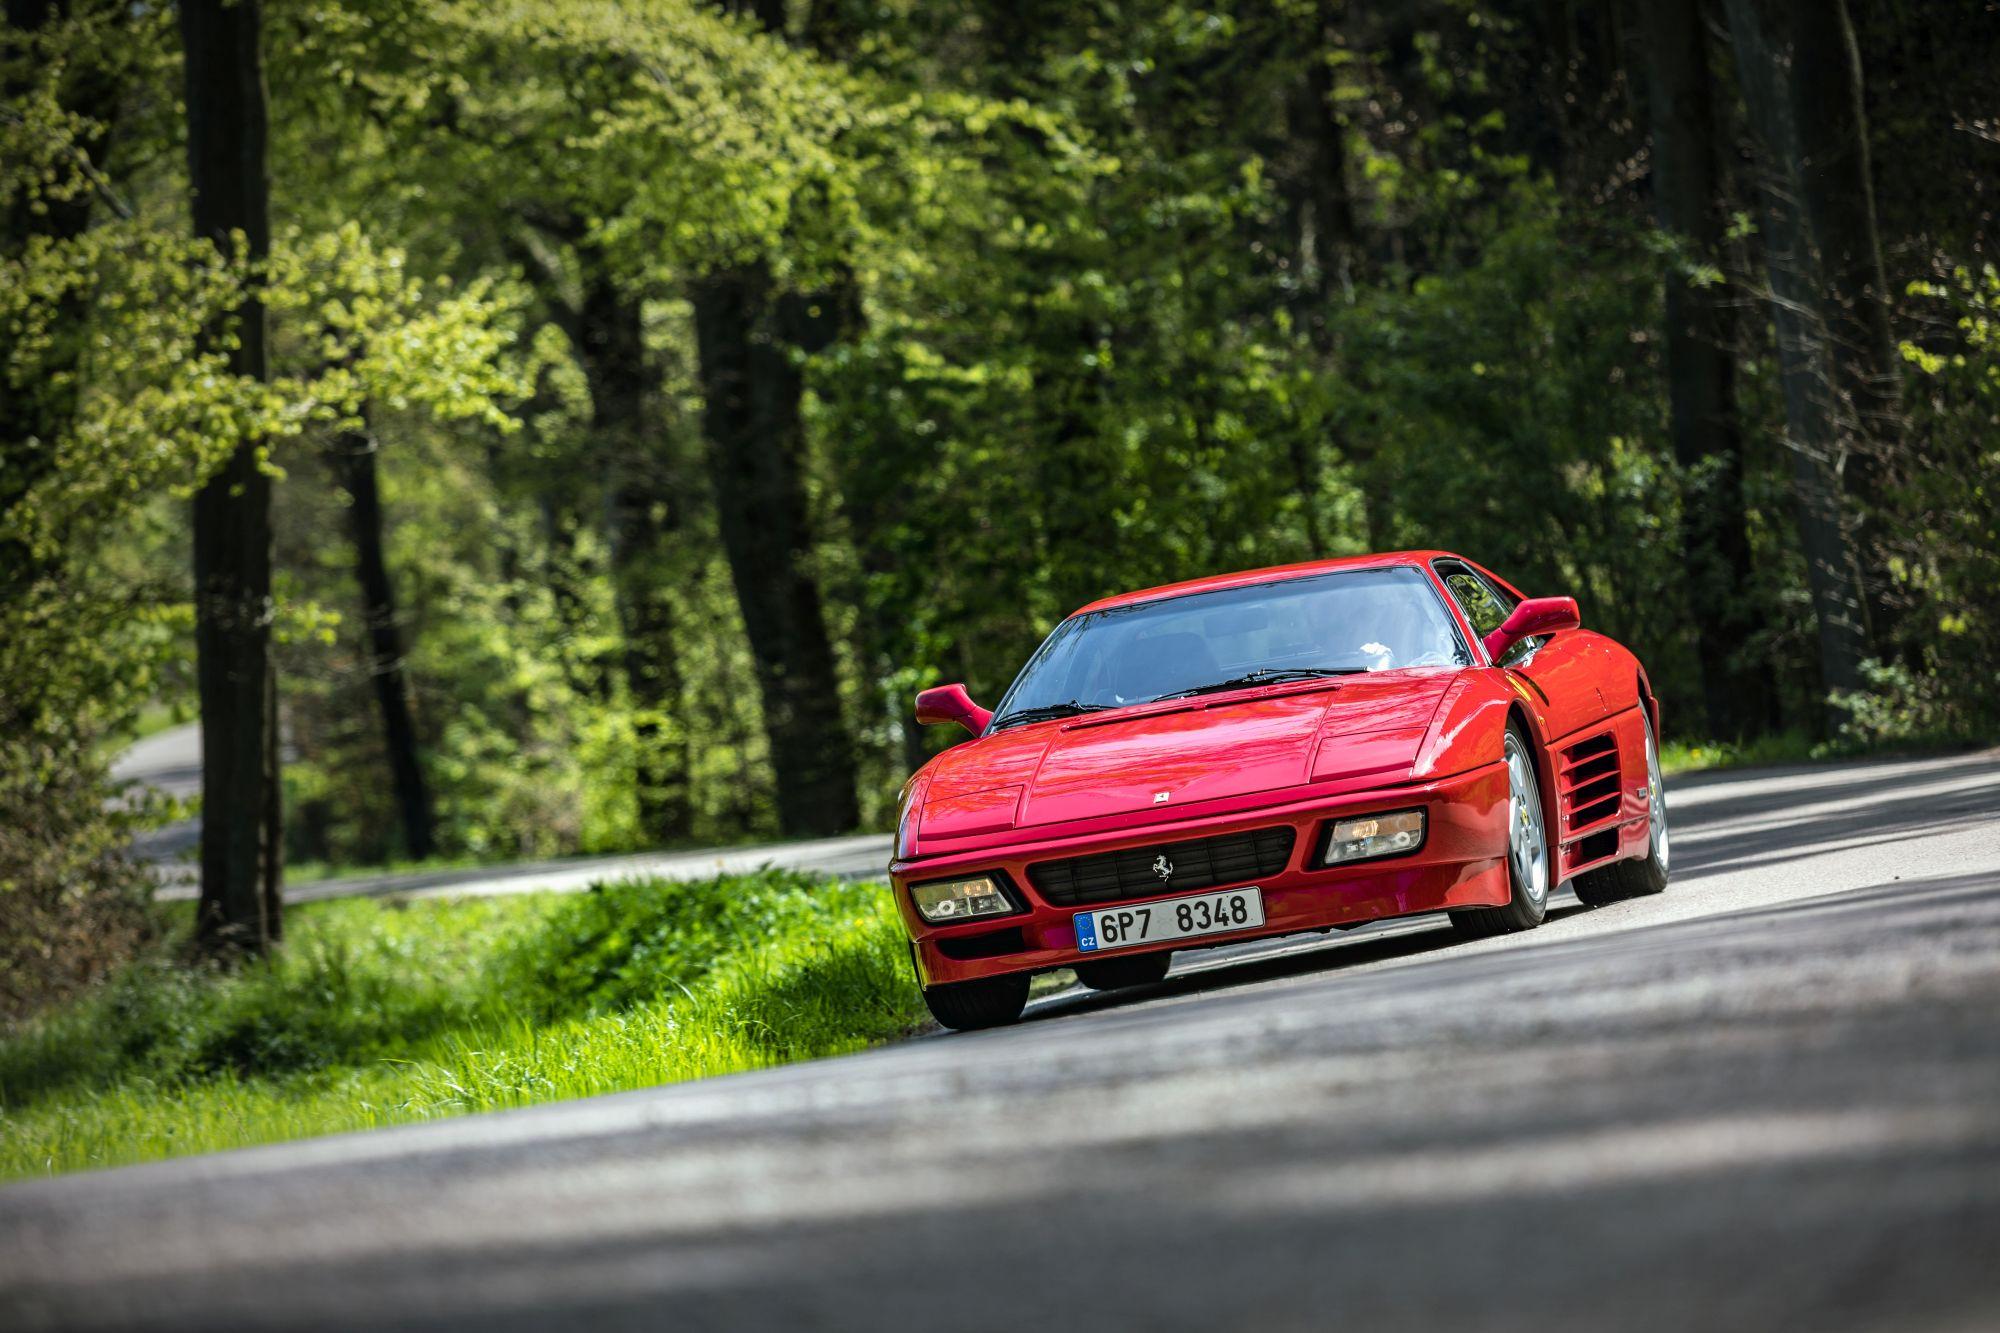 Ferrari_348tb_26